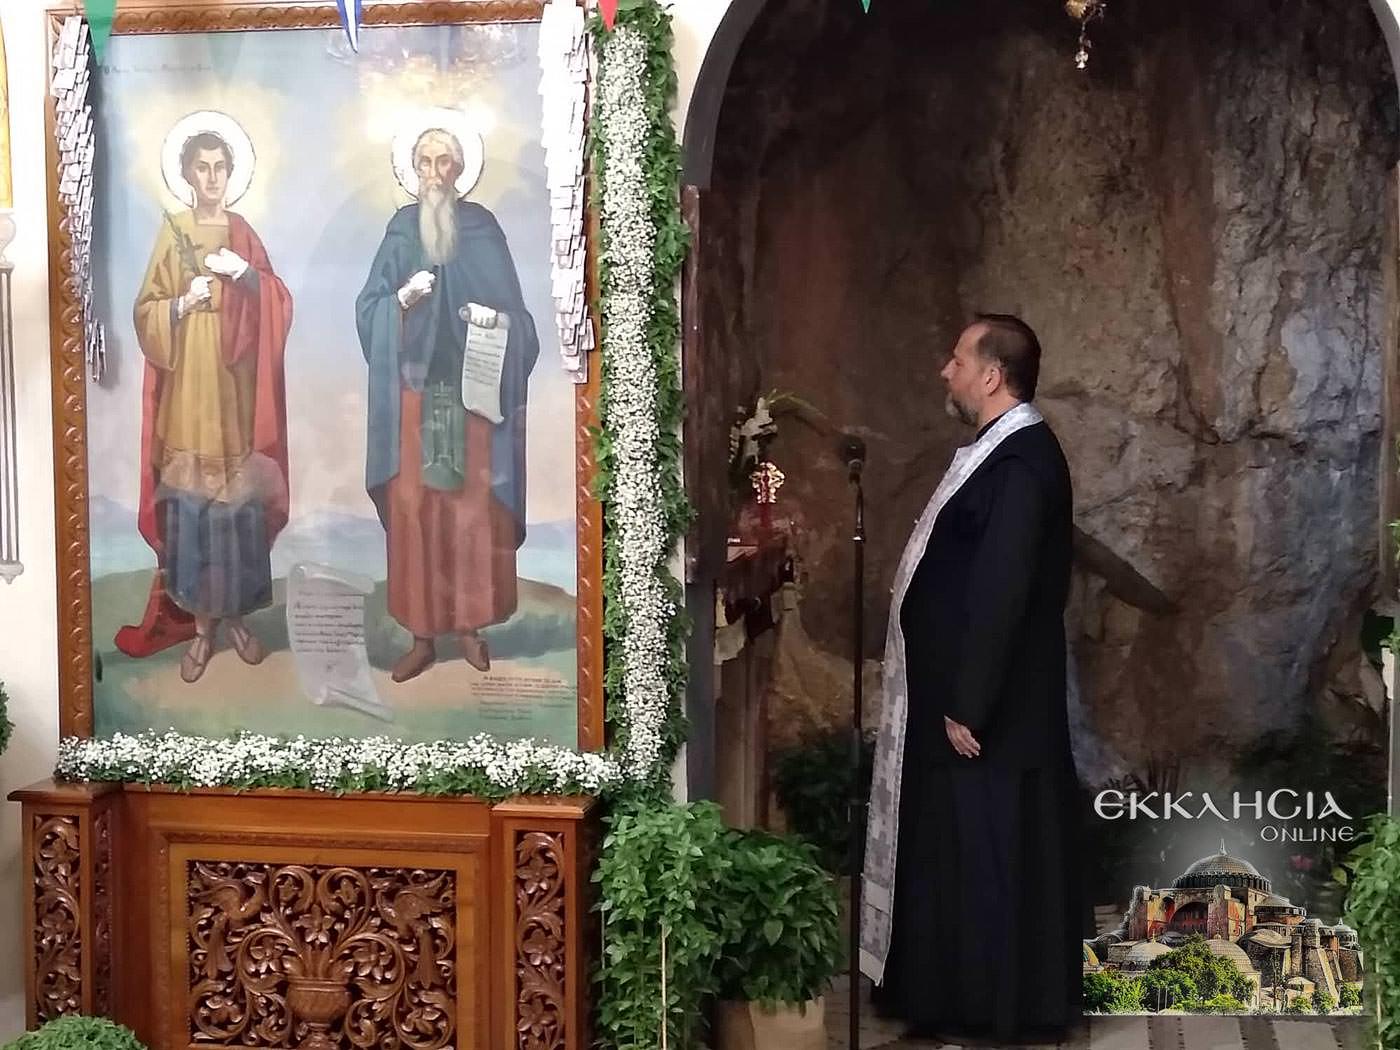 Ιερός Ναός Αγίων Ισιδώρων Λυκαβηττού Ύψωση Σταυρού 2019